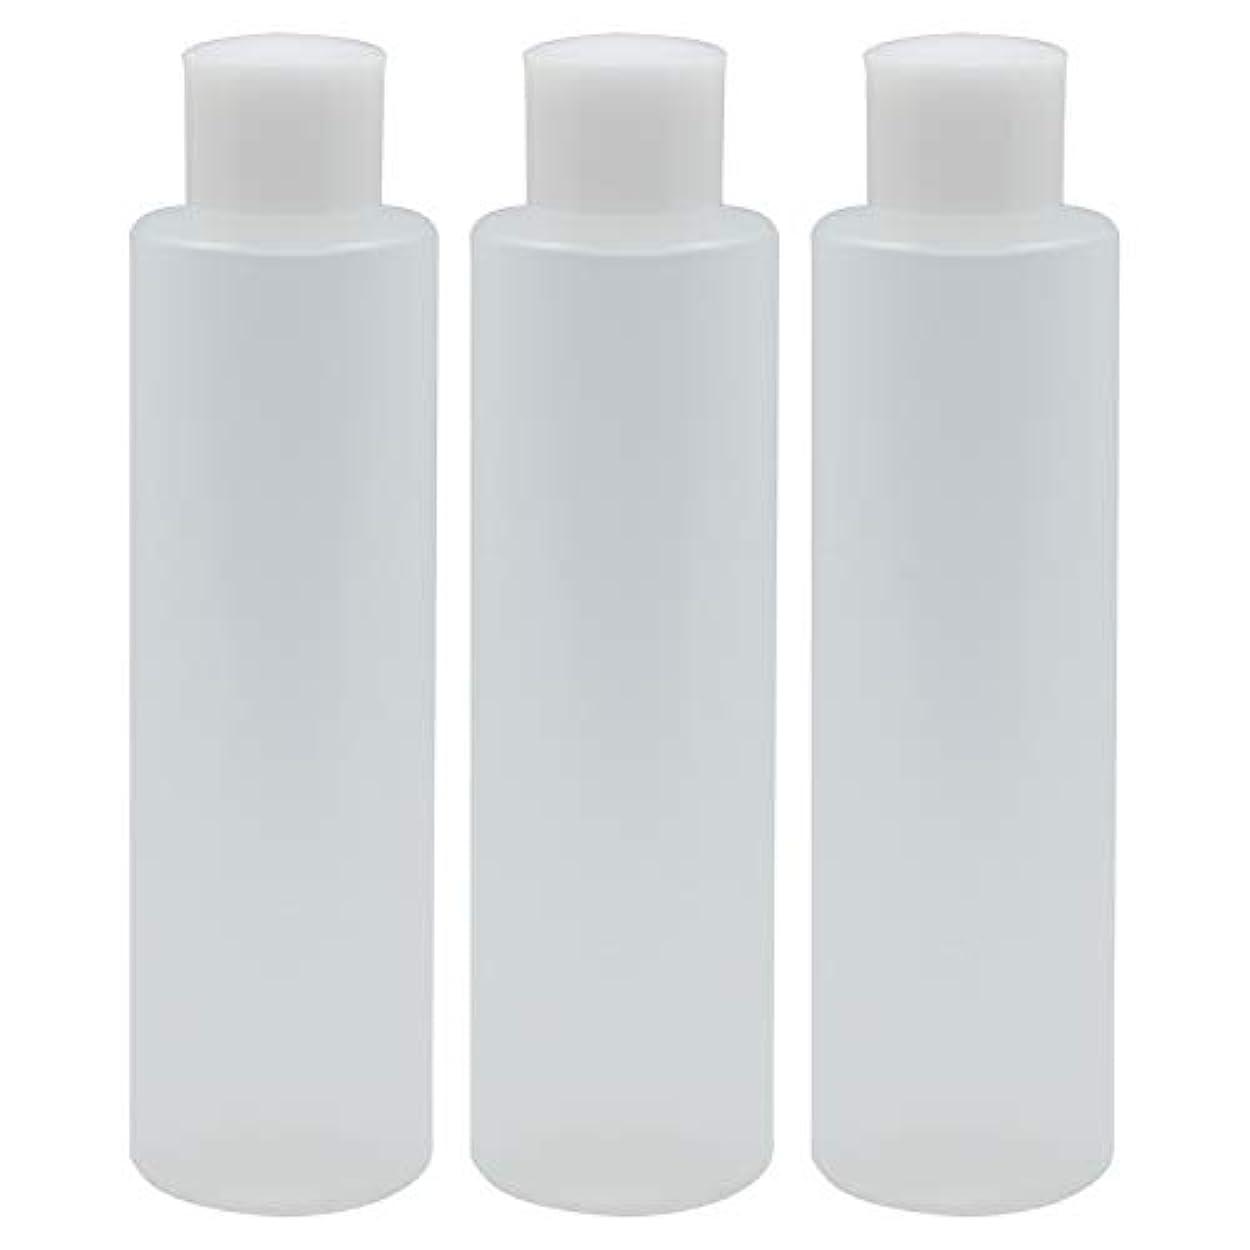 素朴な手当友情日本製 PPボトル 半透明 スクリューキャップ 中栓付き 3本セット